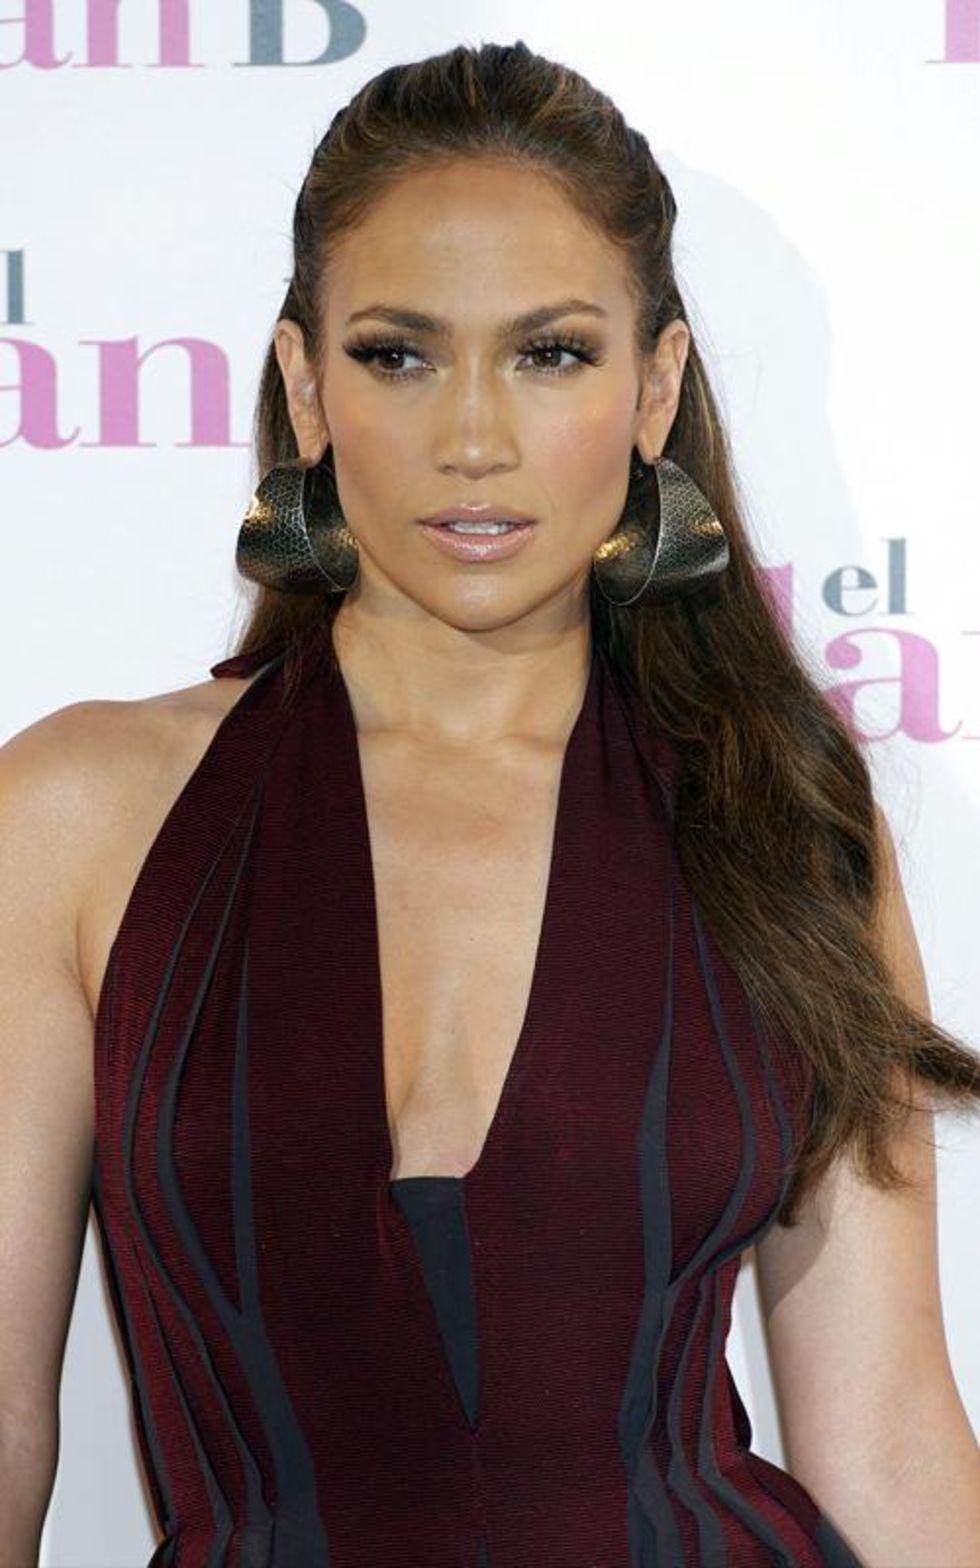 Jennifer Lopez 2010 : jennifer-lopez-candids-in-spain-12